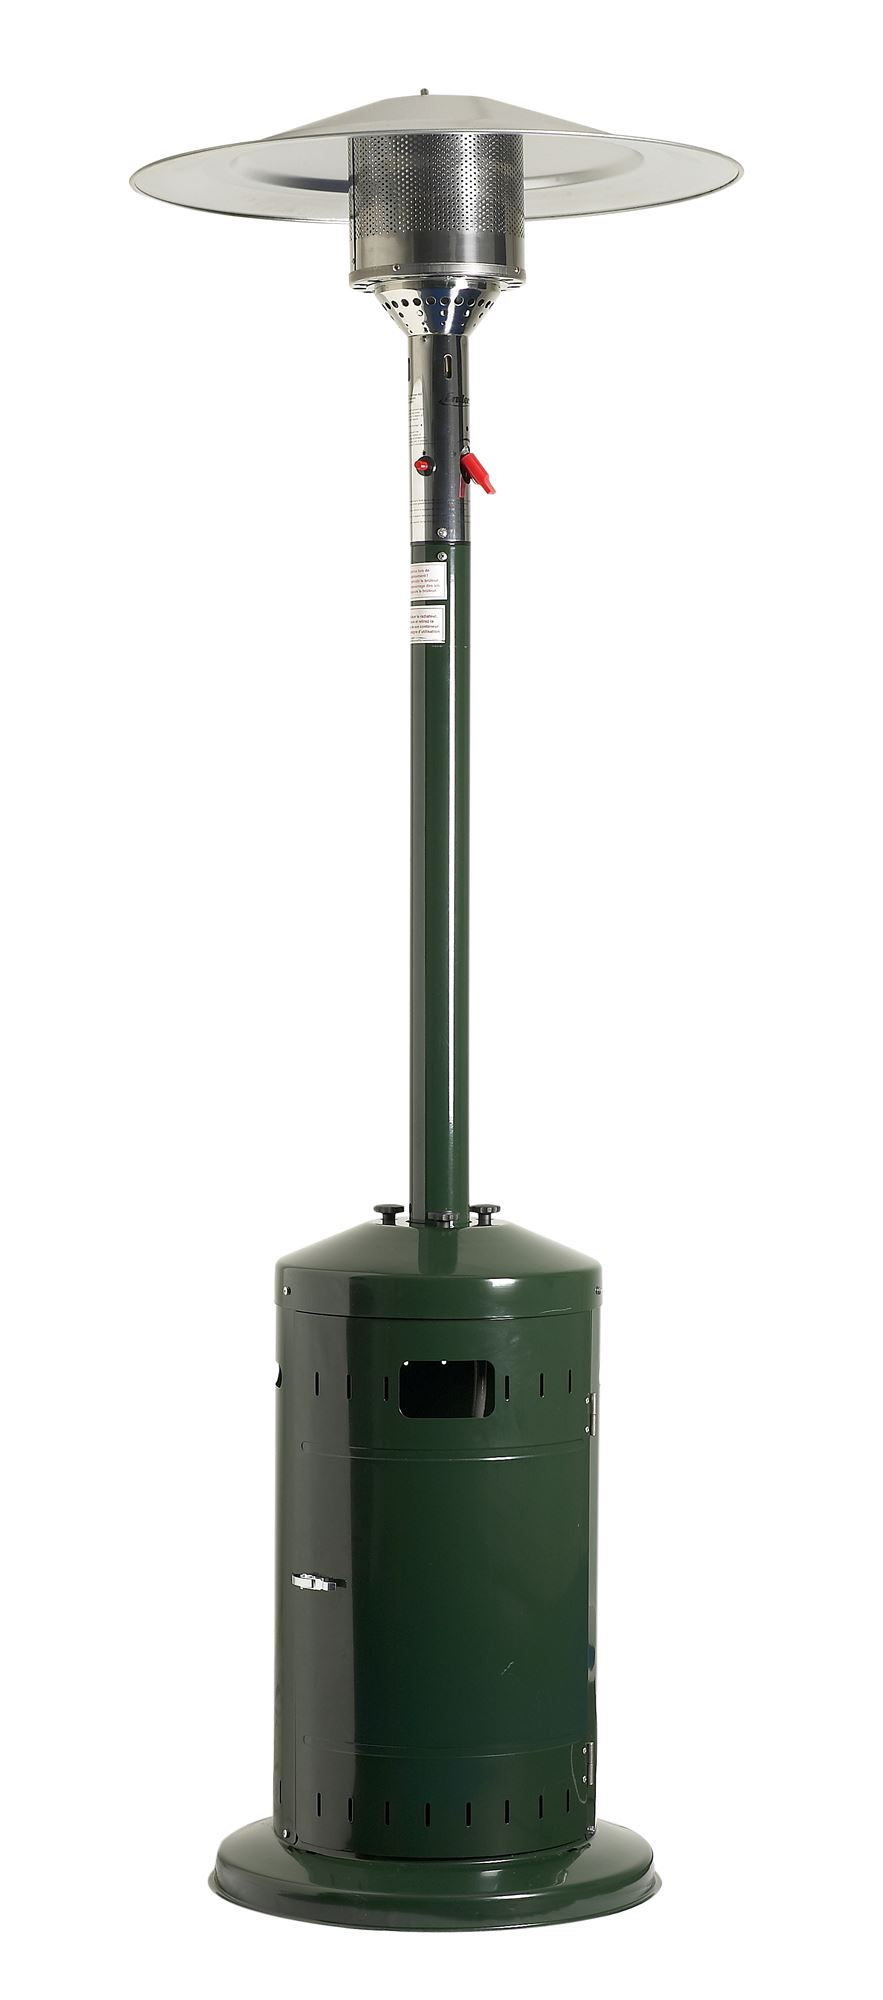 parasol chauffant cosy profi vert favex ecoline avec housse. Black Bedroom Furniture Sets. Home Design Ideas